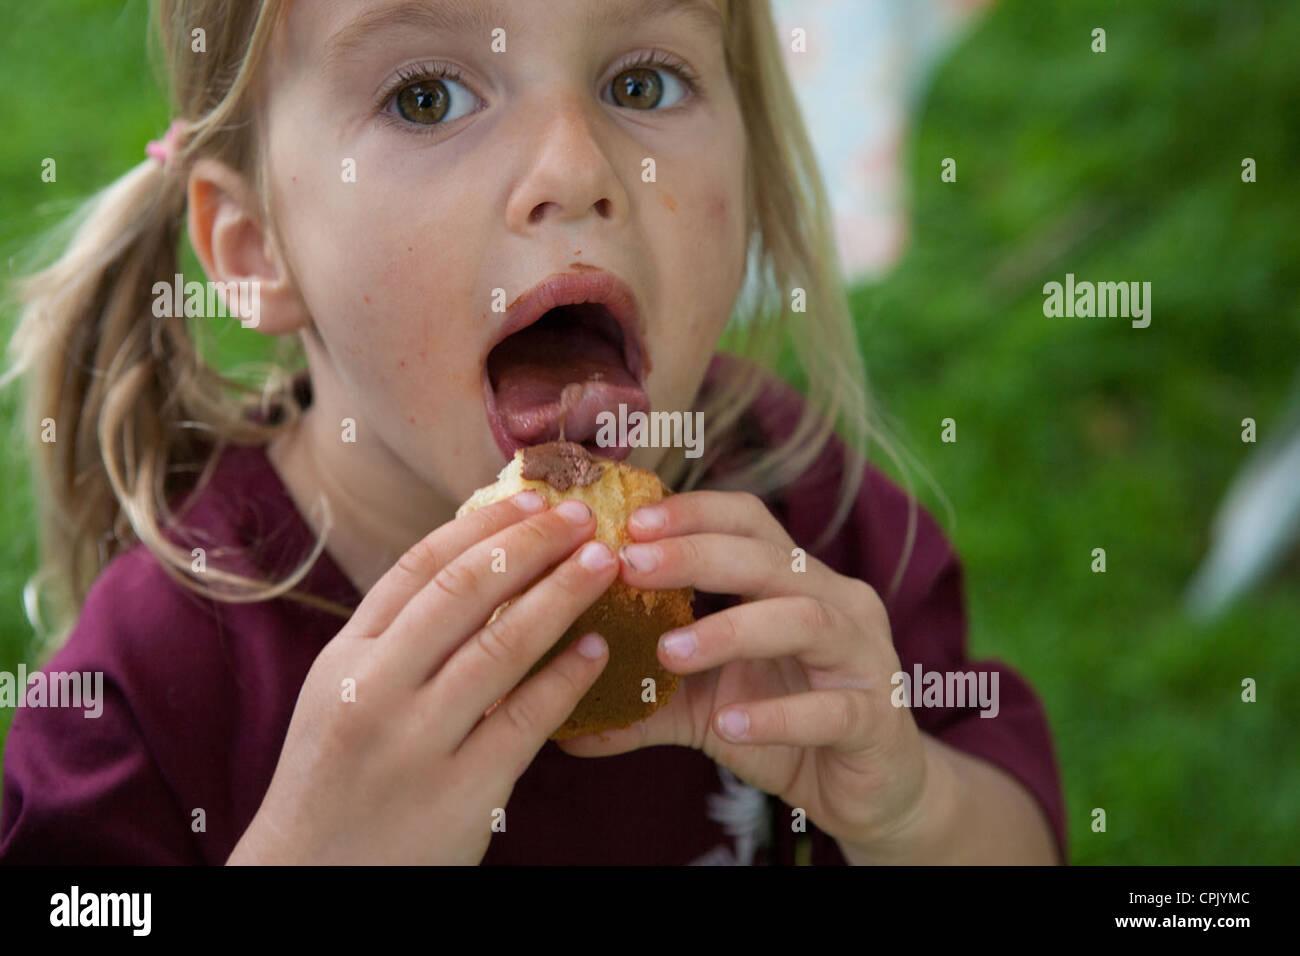 Quatre ans, fille de lécher le glaçage d'un cupcake. Banque D'Images